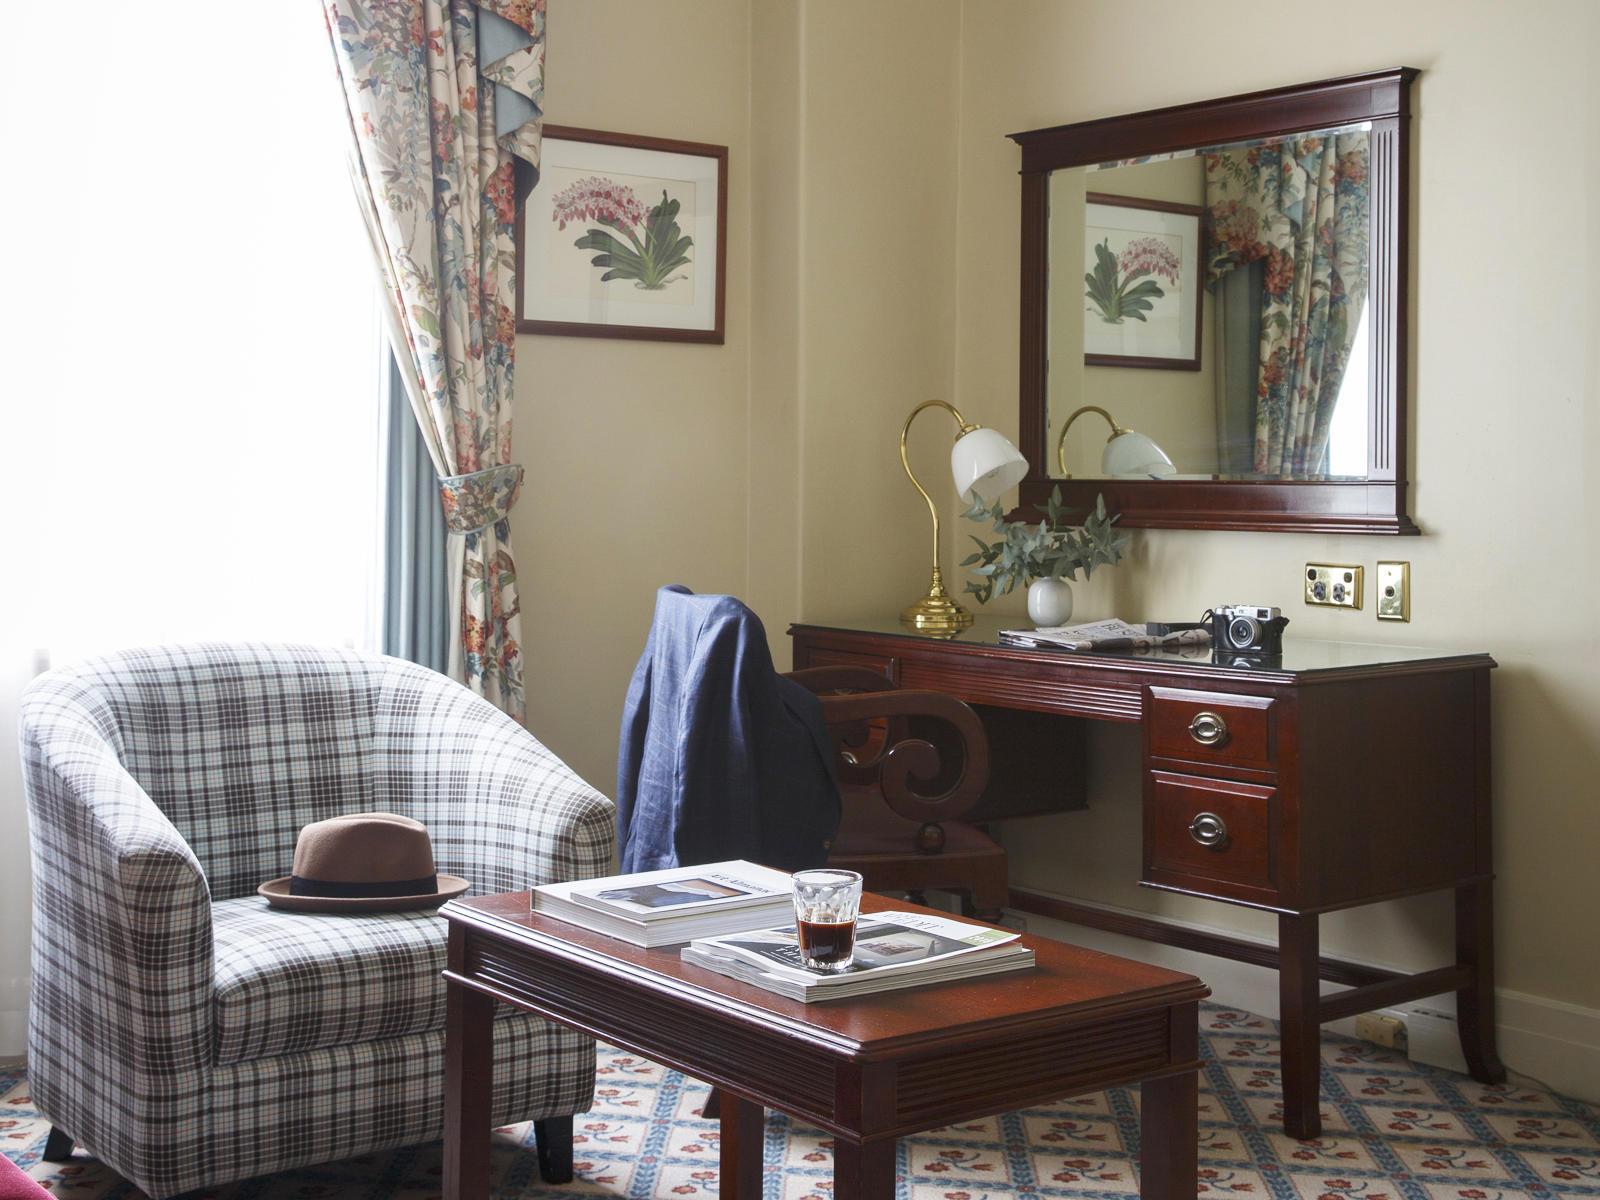 Suites at The Hotel Windsor Melbourne